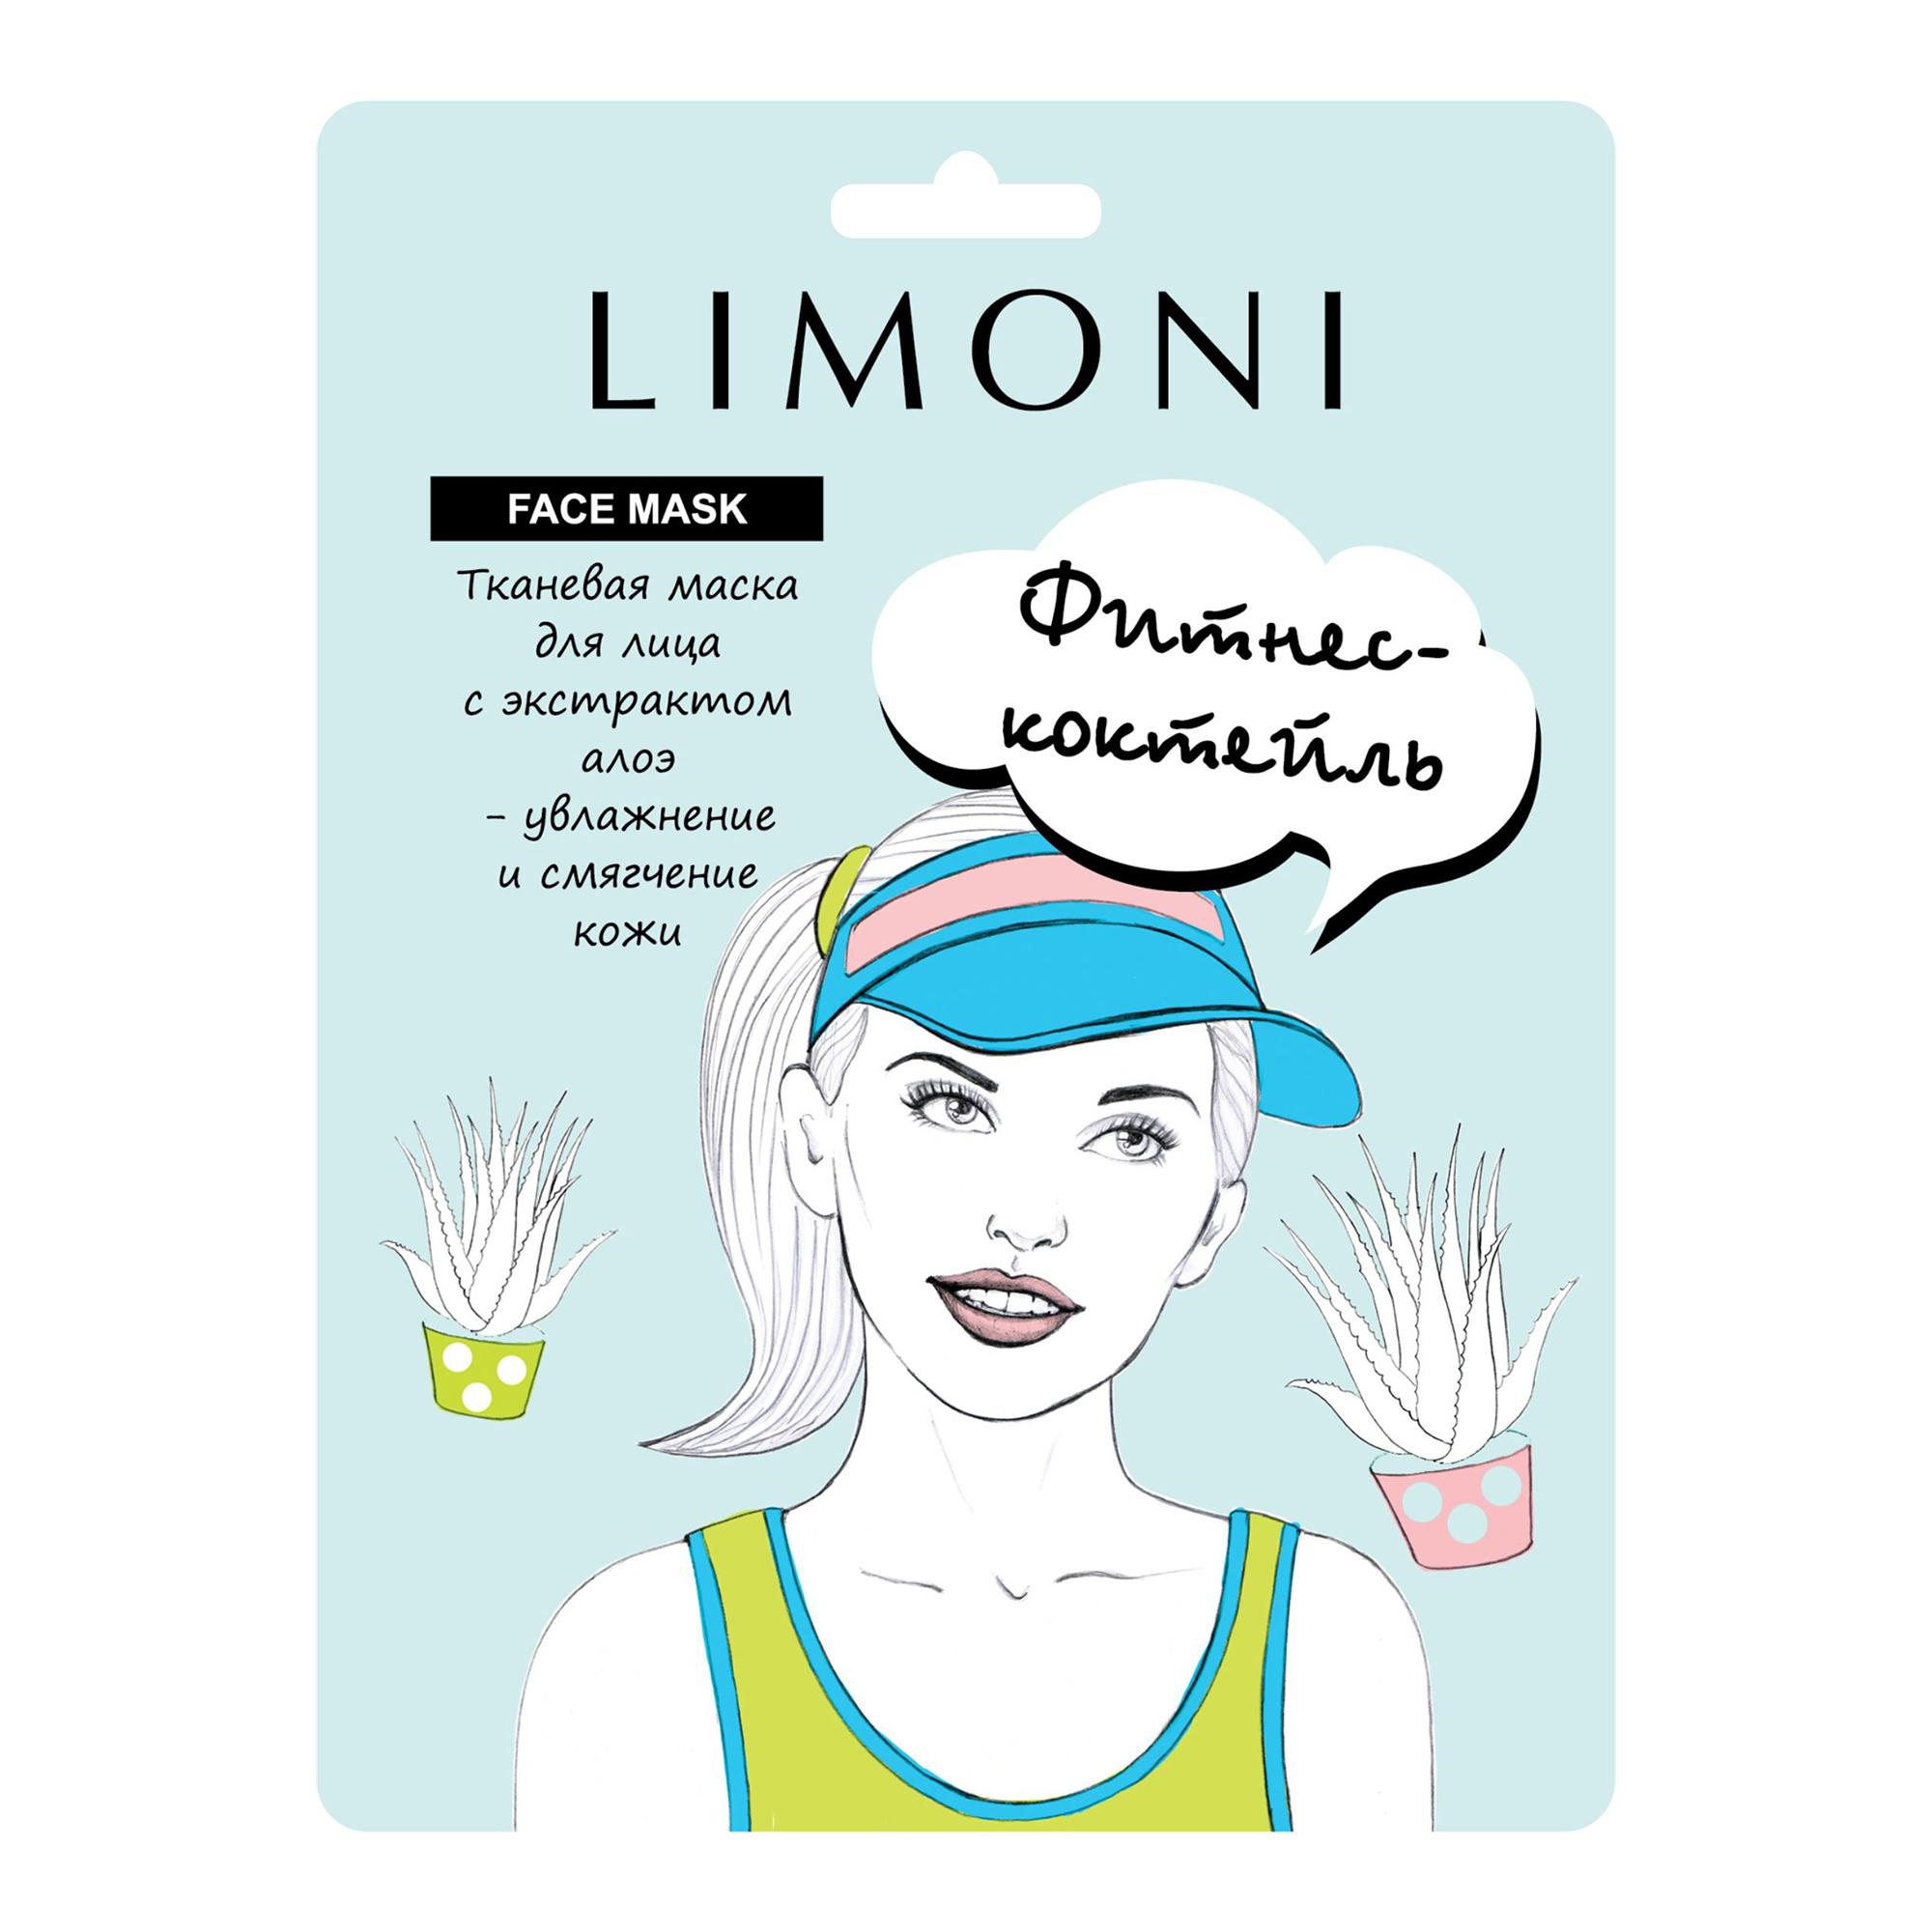 LIMONI Маска для лица увлажняющая с экстрактом алоэ / SHEET MASK 20грМаски<br>Тканевая маска с экстрактом алоэ увлажняет и успокаивает сухую, чувствительную кожу. Пропитана высоконцентрированной эссенцией, помогающей улучшить структуру кожи. Обеспечивает увлажняющее, успокаивающее, смягчающее действие на сухую, обезвоженную и чувствительную кожу. Стимулирует кровообращение, глубоко увлажняет, препятствует огрубению кожи.<br>